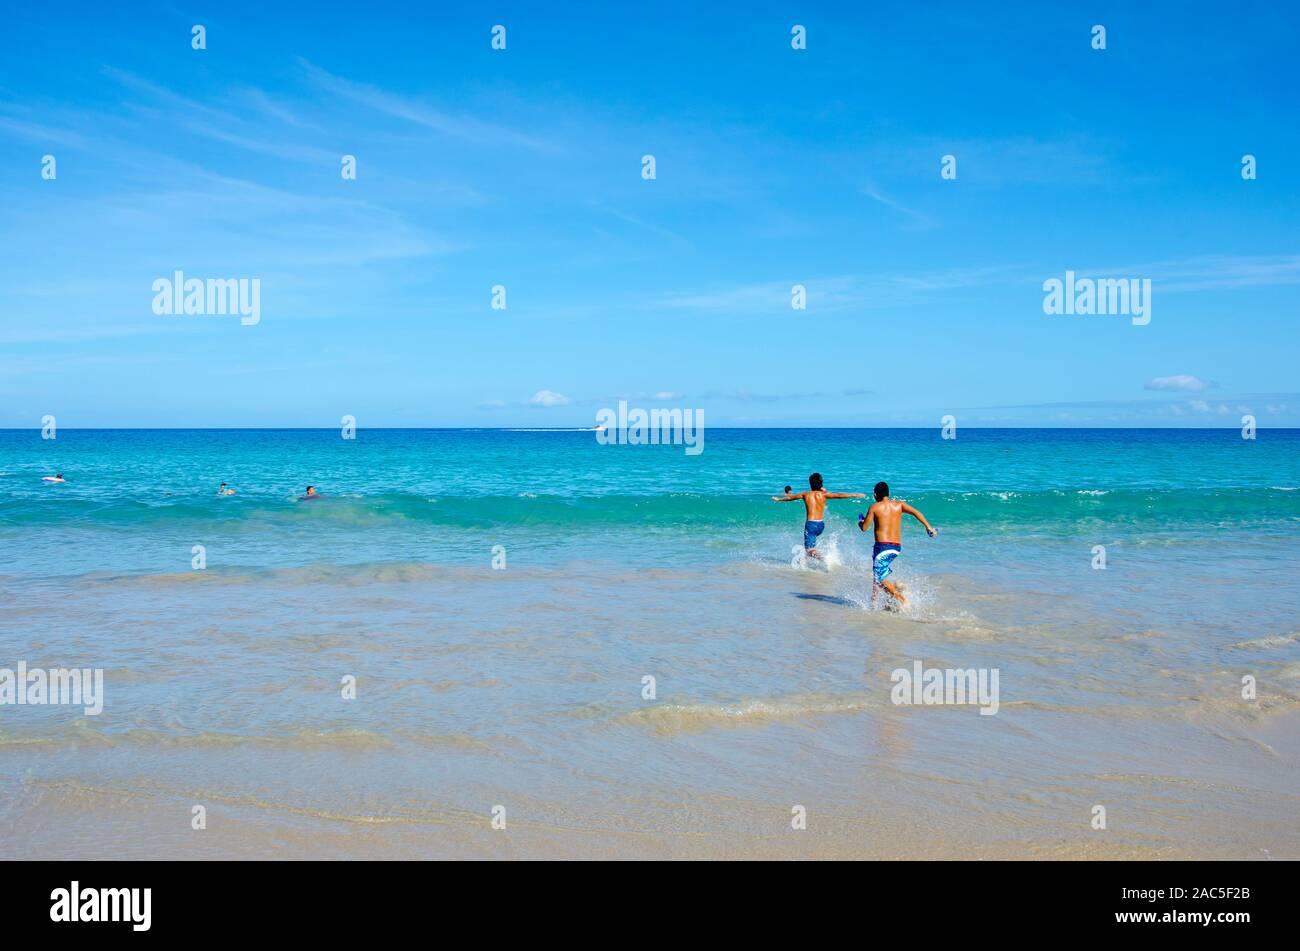 Dos muchachos adolescentes corriendo hacia el océano en Hapuna Beach, a lo largo de la costa Kohala de la Isla Grande. Esta playa de arena blanca ha sido calificado como uno de los mejores bea Foto de stock